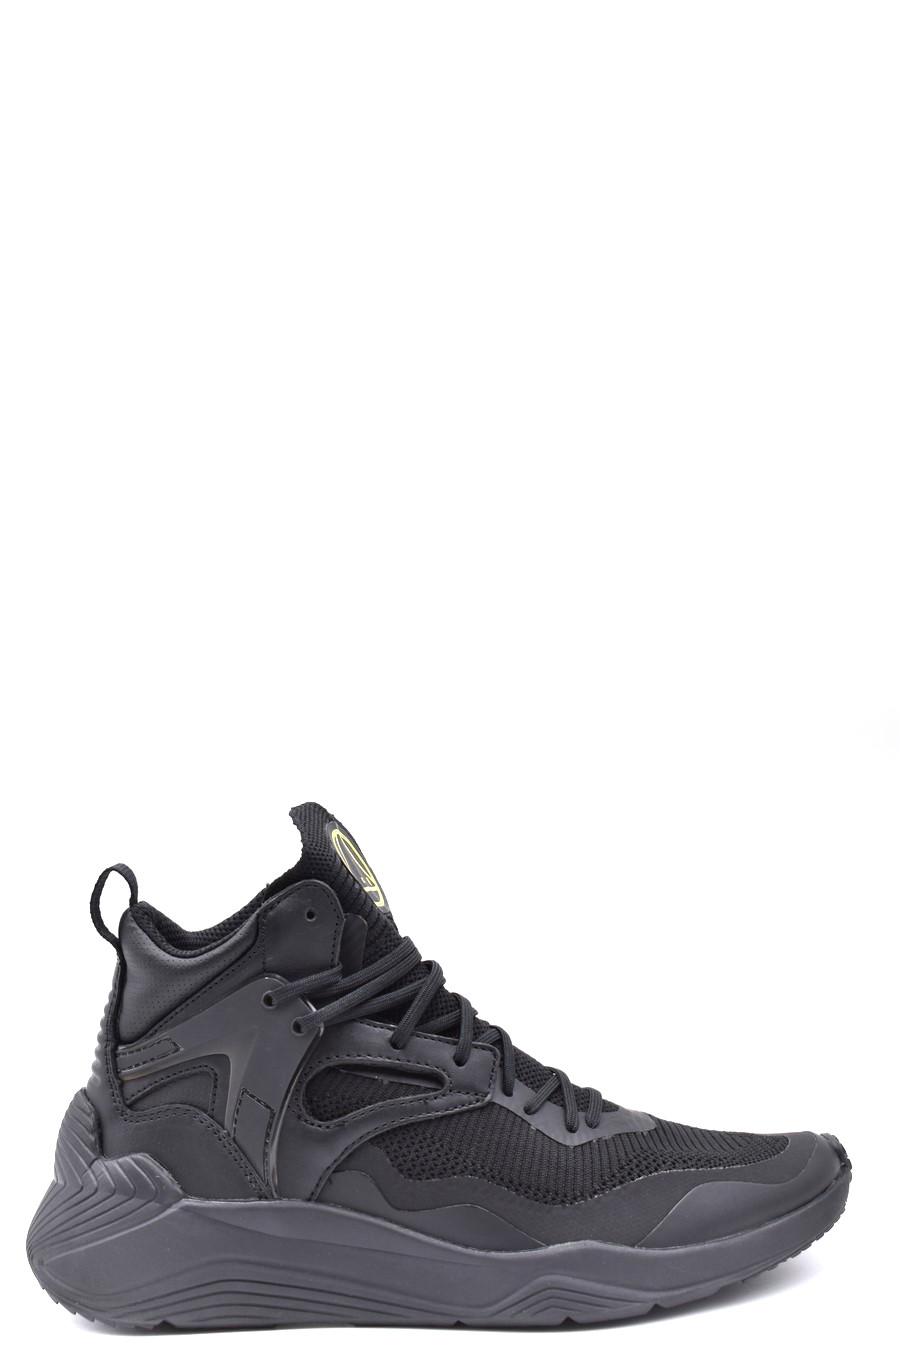 Alexander Mcqueen Sneakers Uomo